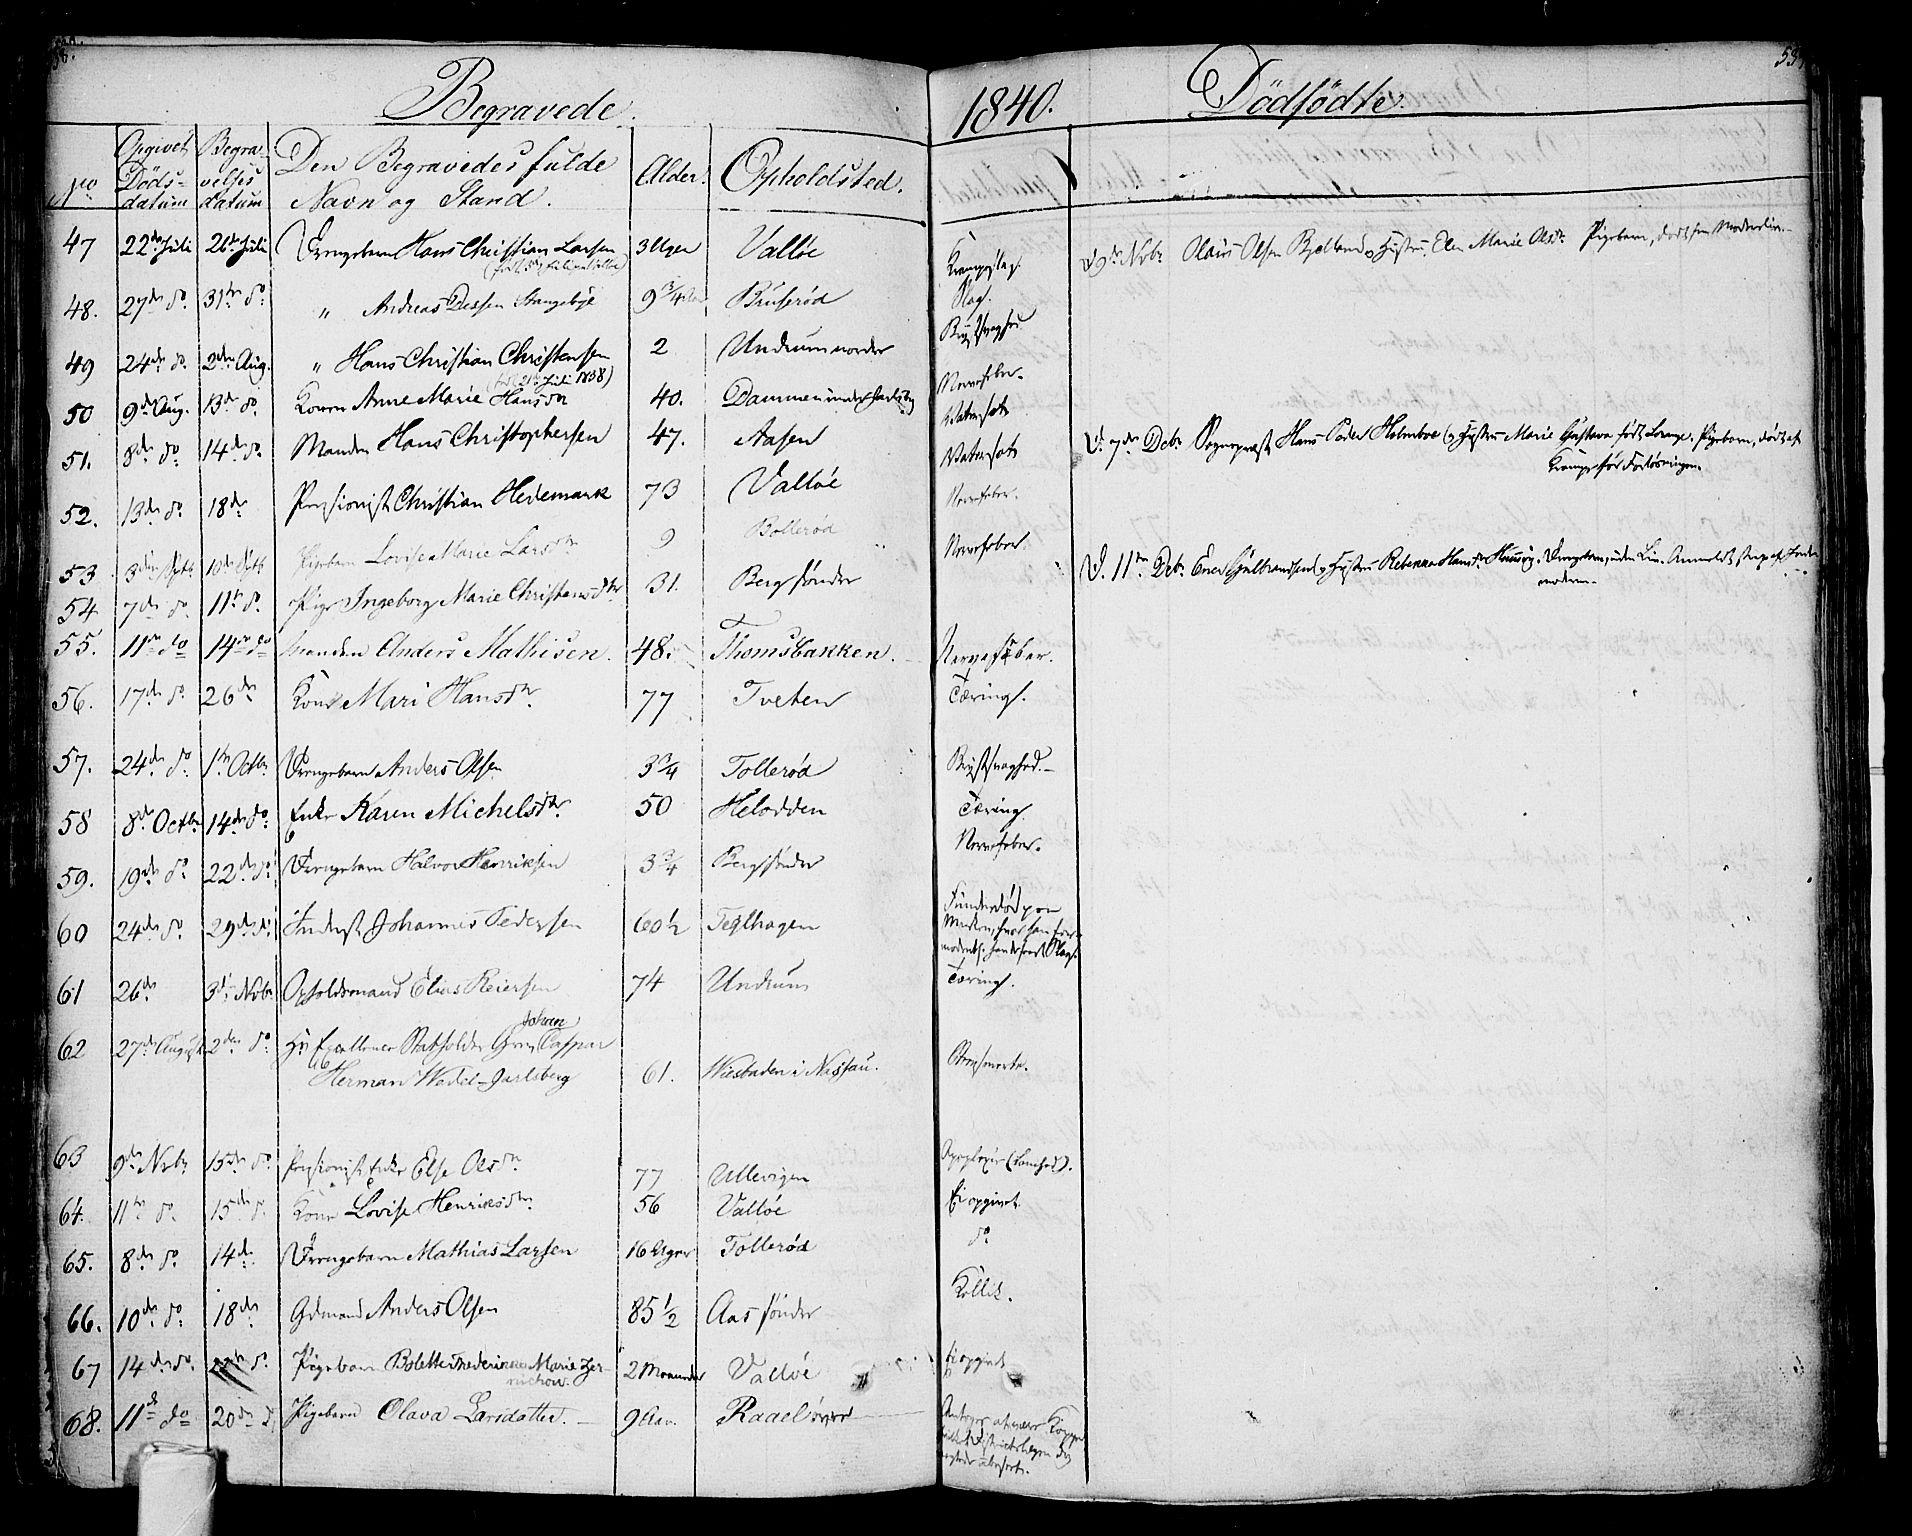 SAKO, Sem kirkebøker, F/Fa/L0005: Ministerialbok nr. I 5, 1825-1842, s. 538-539